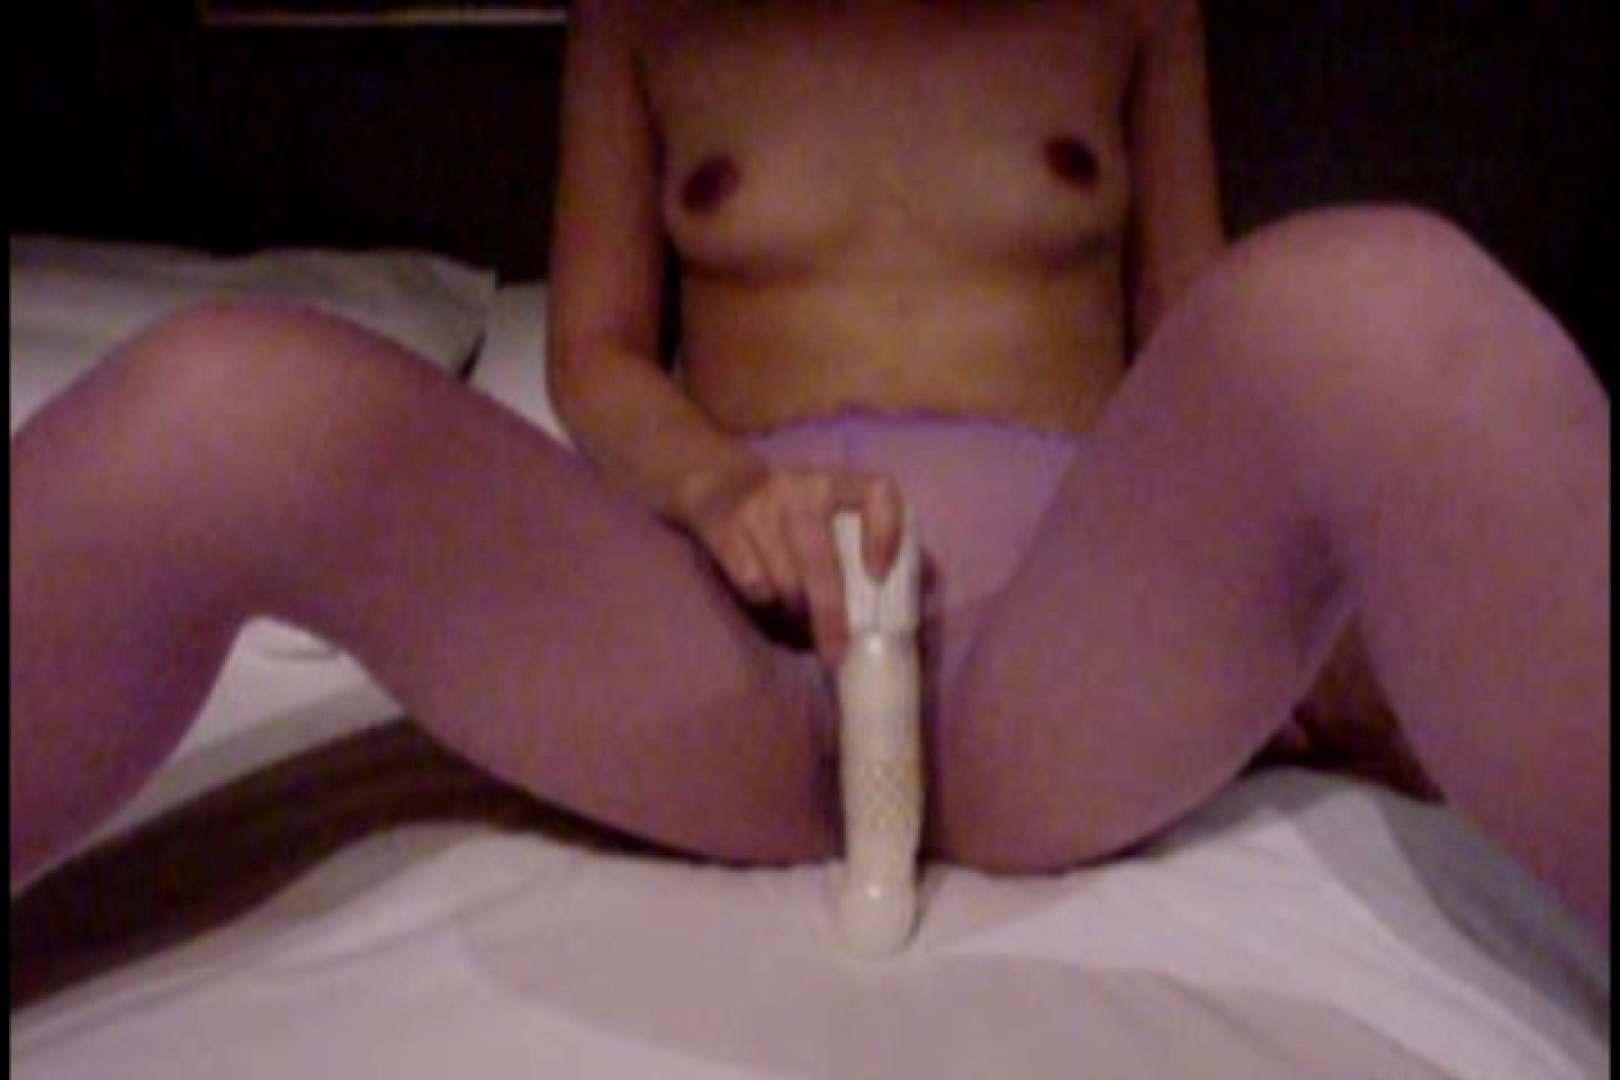 ウイルス流出 九州工学部女子大生藤野瑠美 女子大生のエッチ  91pic 33